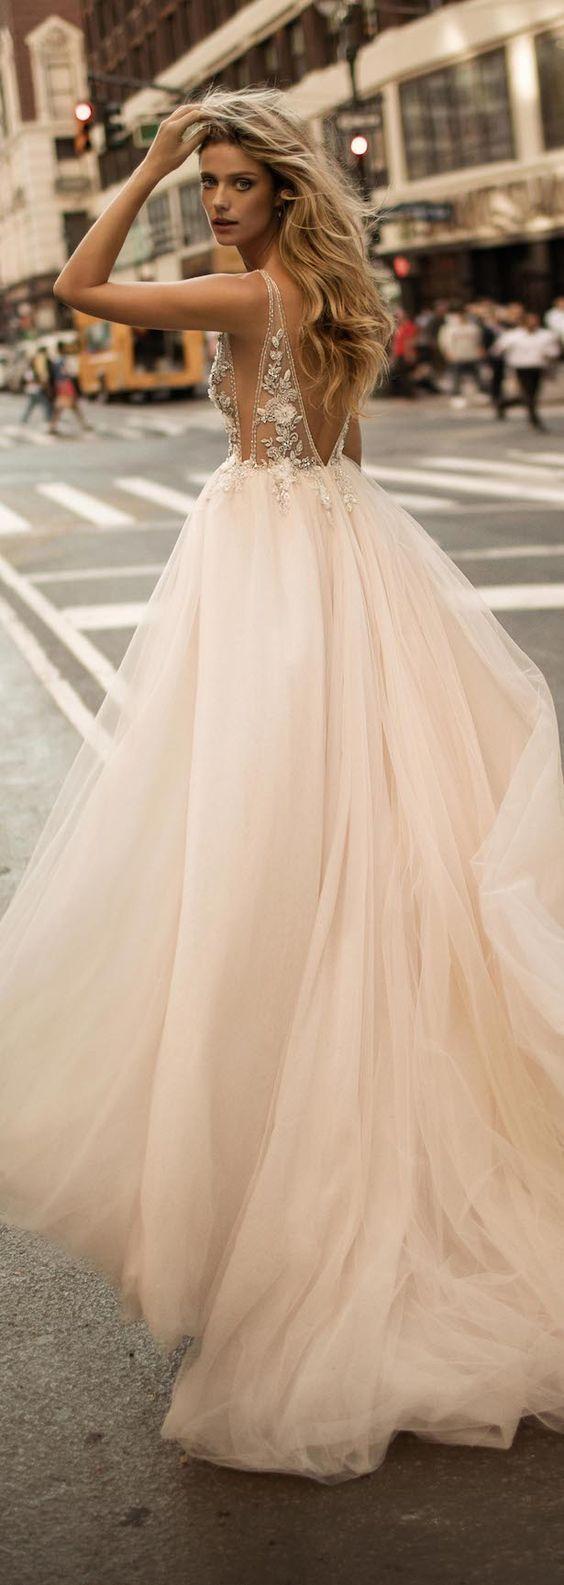 Significado el vestido blanco de novia